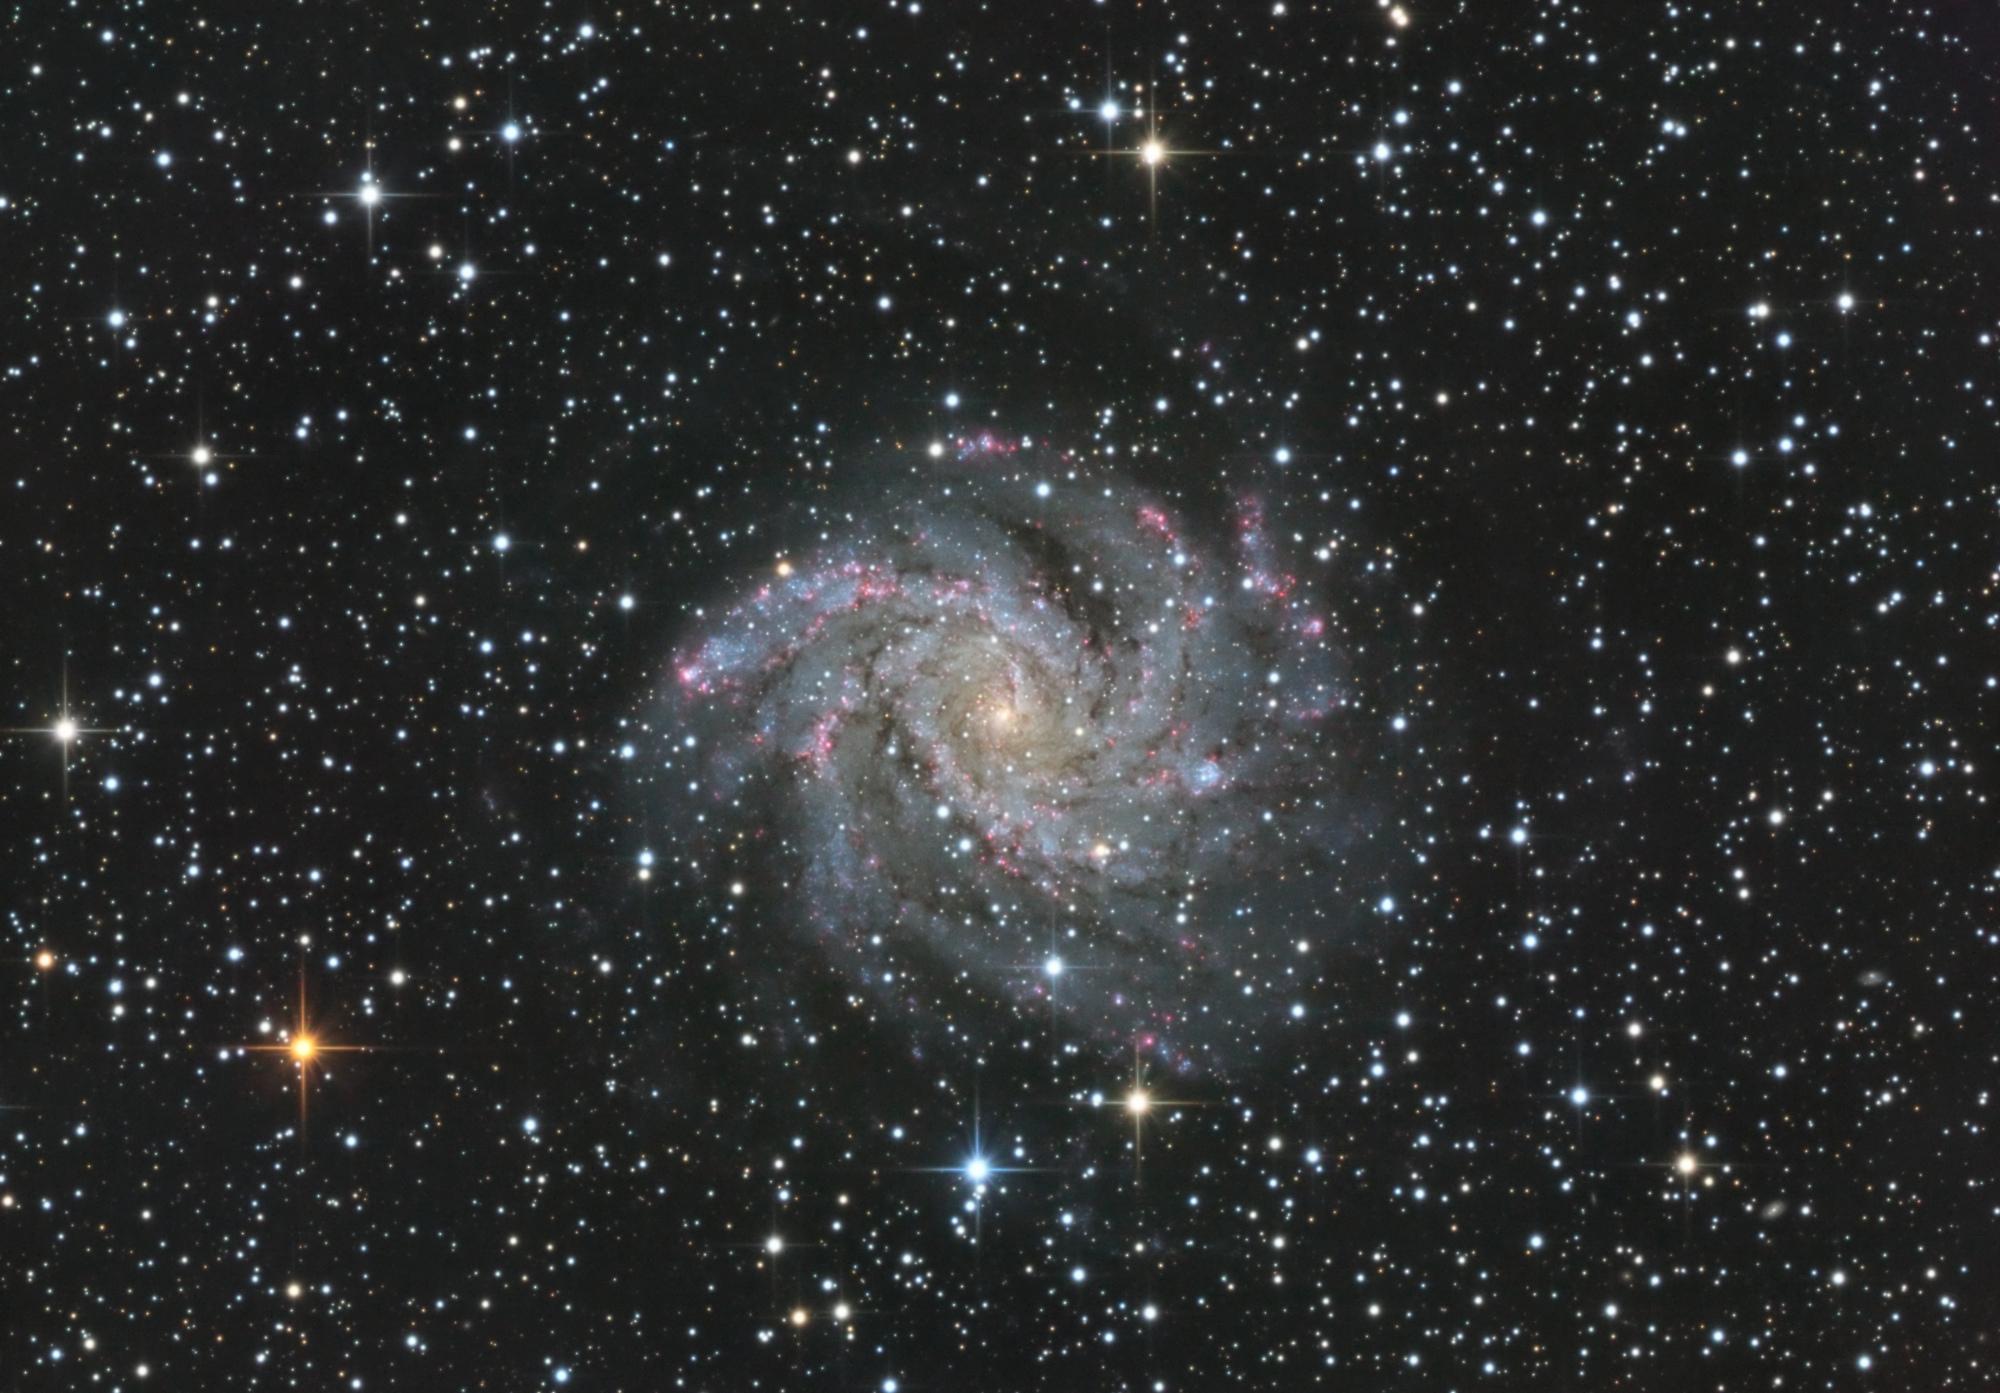 NGC_6946_LRHaVB_finale1.thumb.jpg.e23b504f592af264349e2180ffa66aa5.jpg